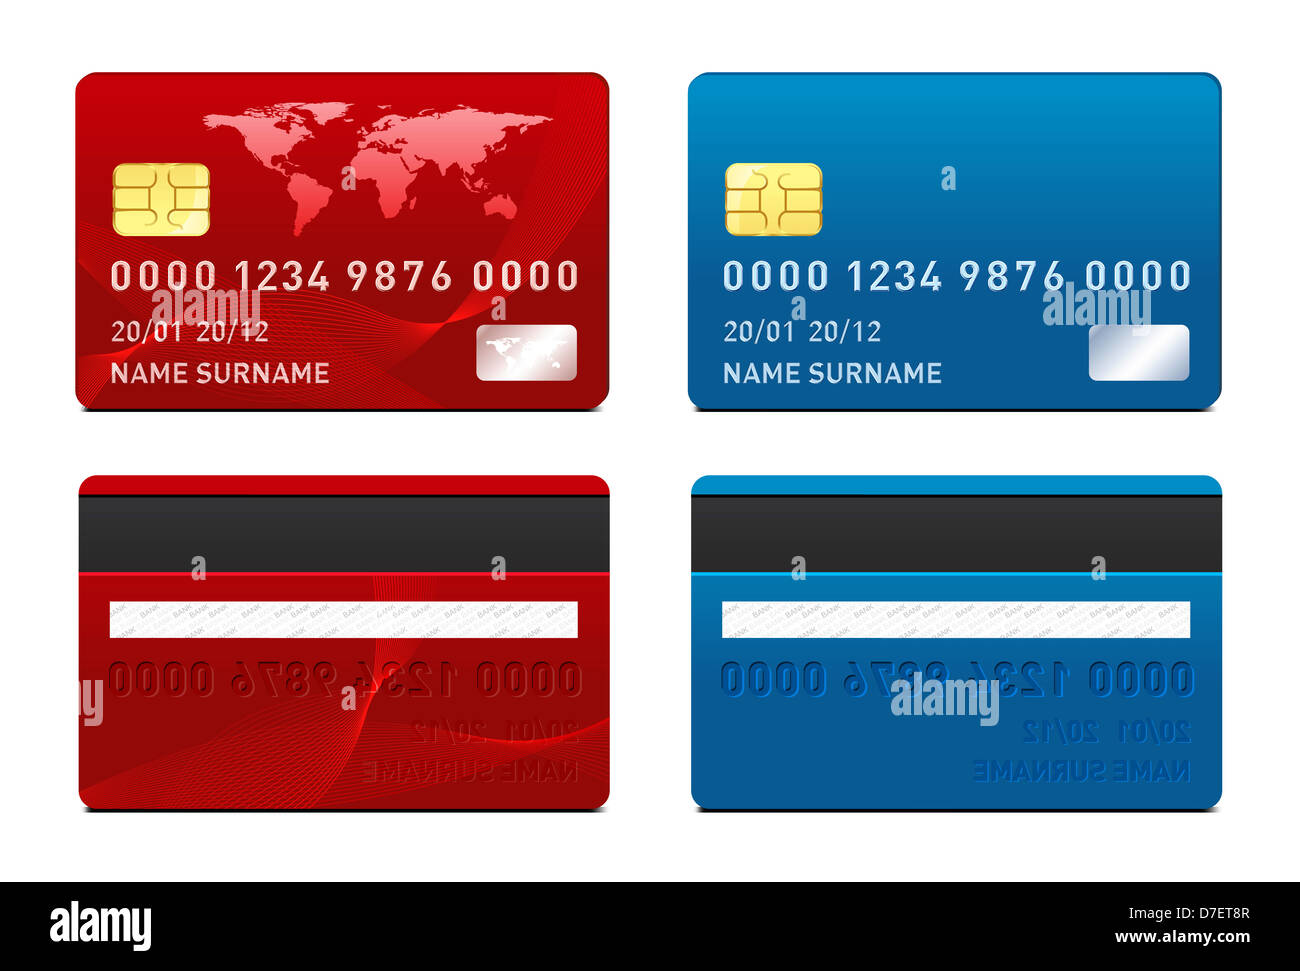 Kreditkarten-Vorlage. Vorder- und Rückseite Stockfoto, Bild ...